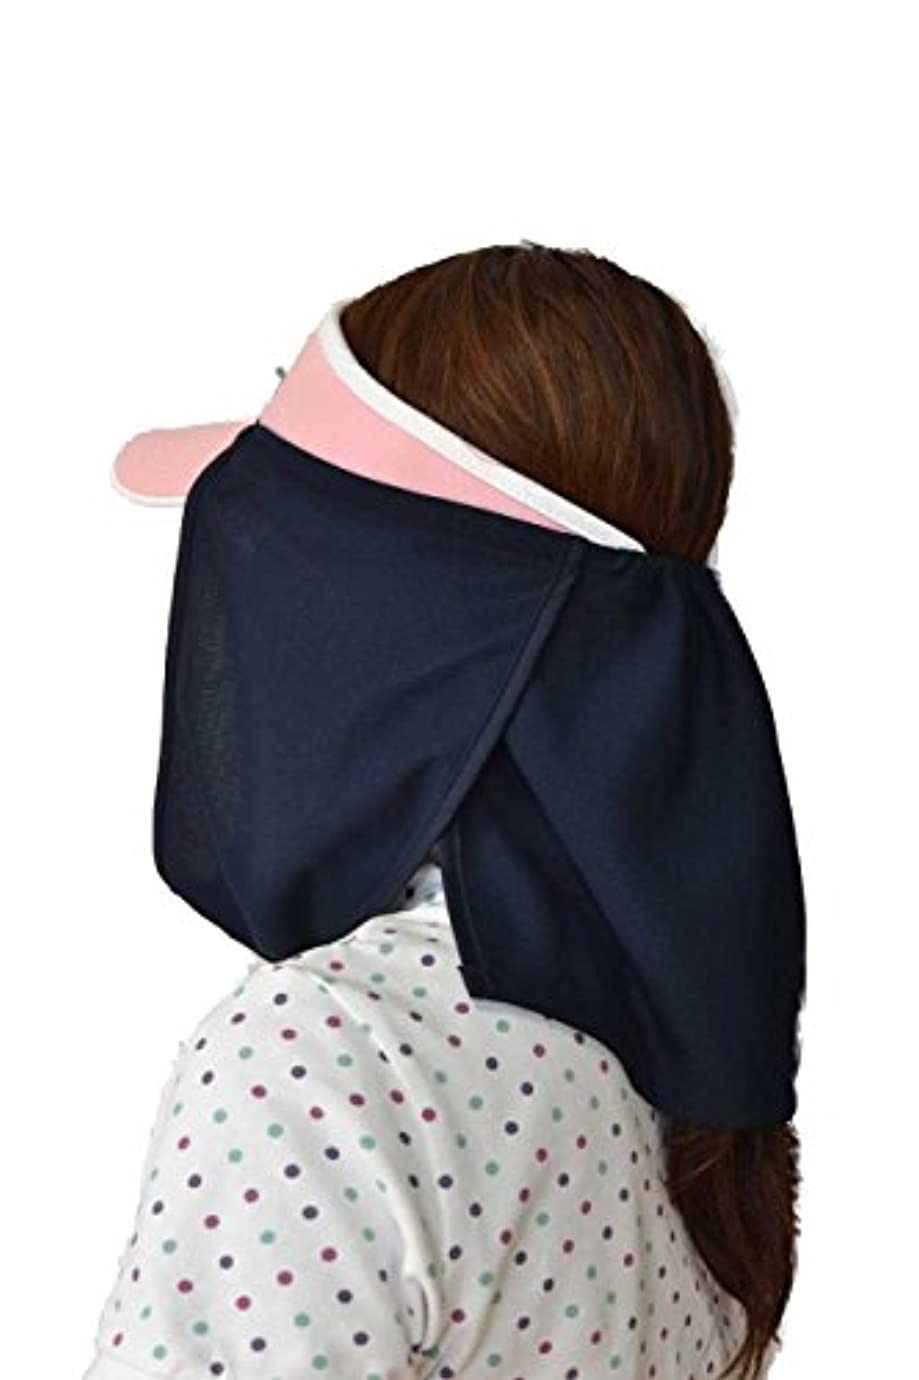 楽観的スリル執着UVカット帽子カバー?スズシーノ?(紺色)紫外線対策や熱射病、熱中症対策に最適【特許取得済】